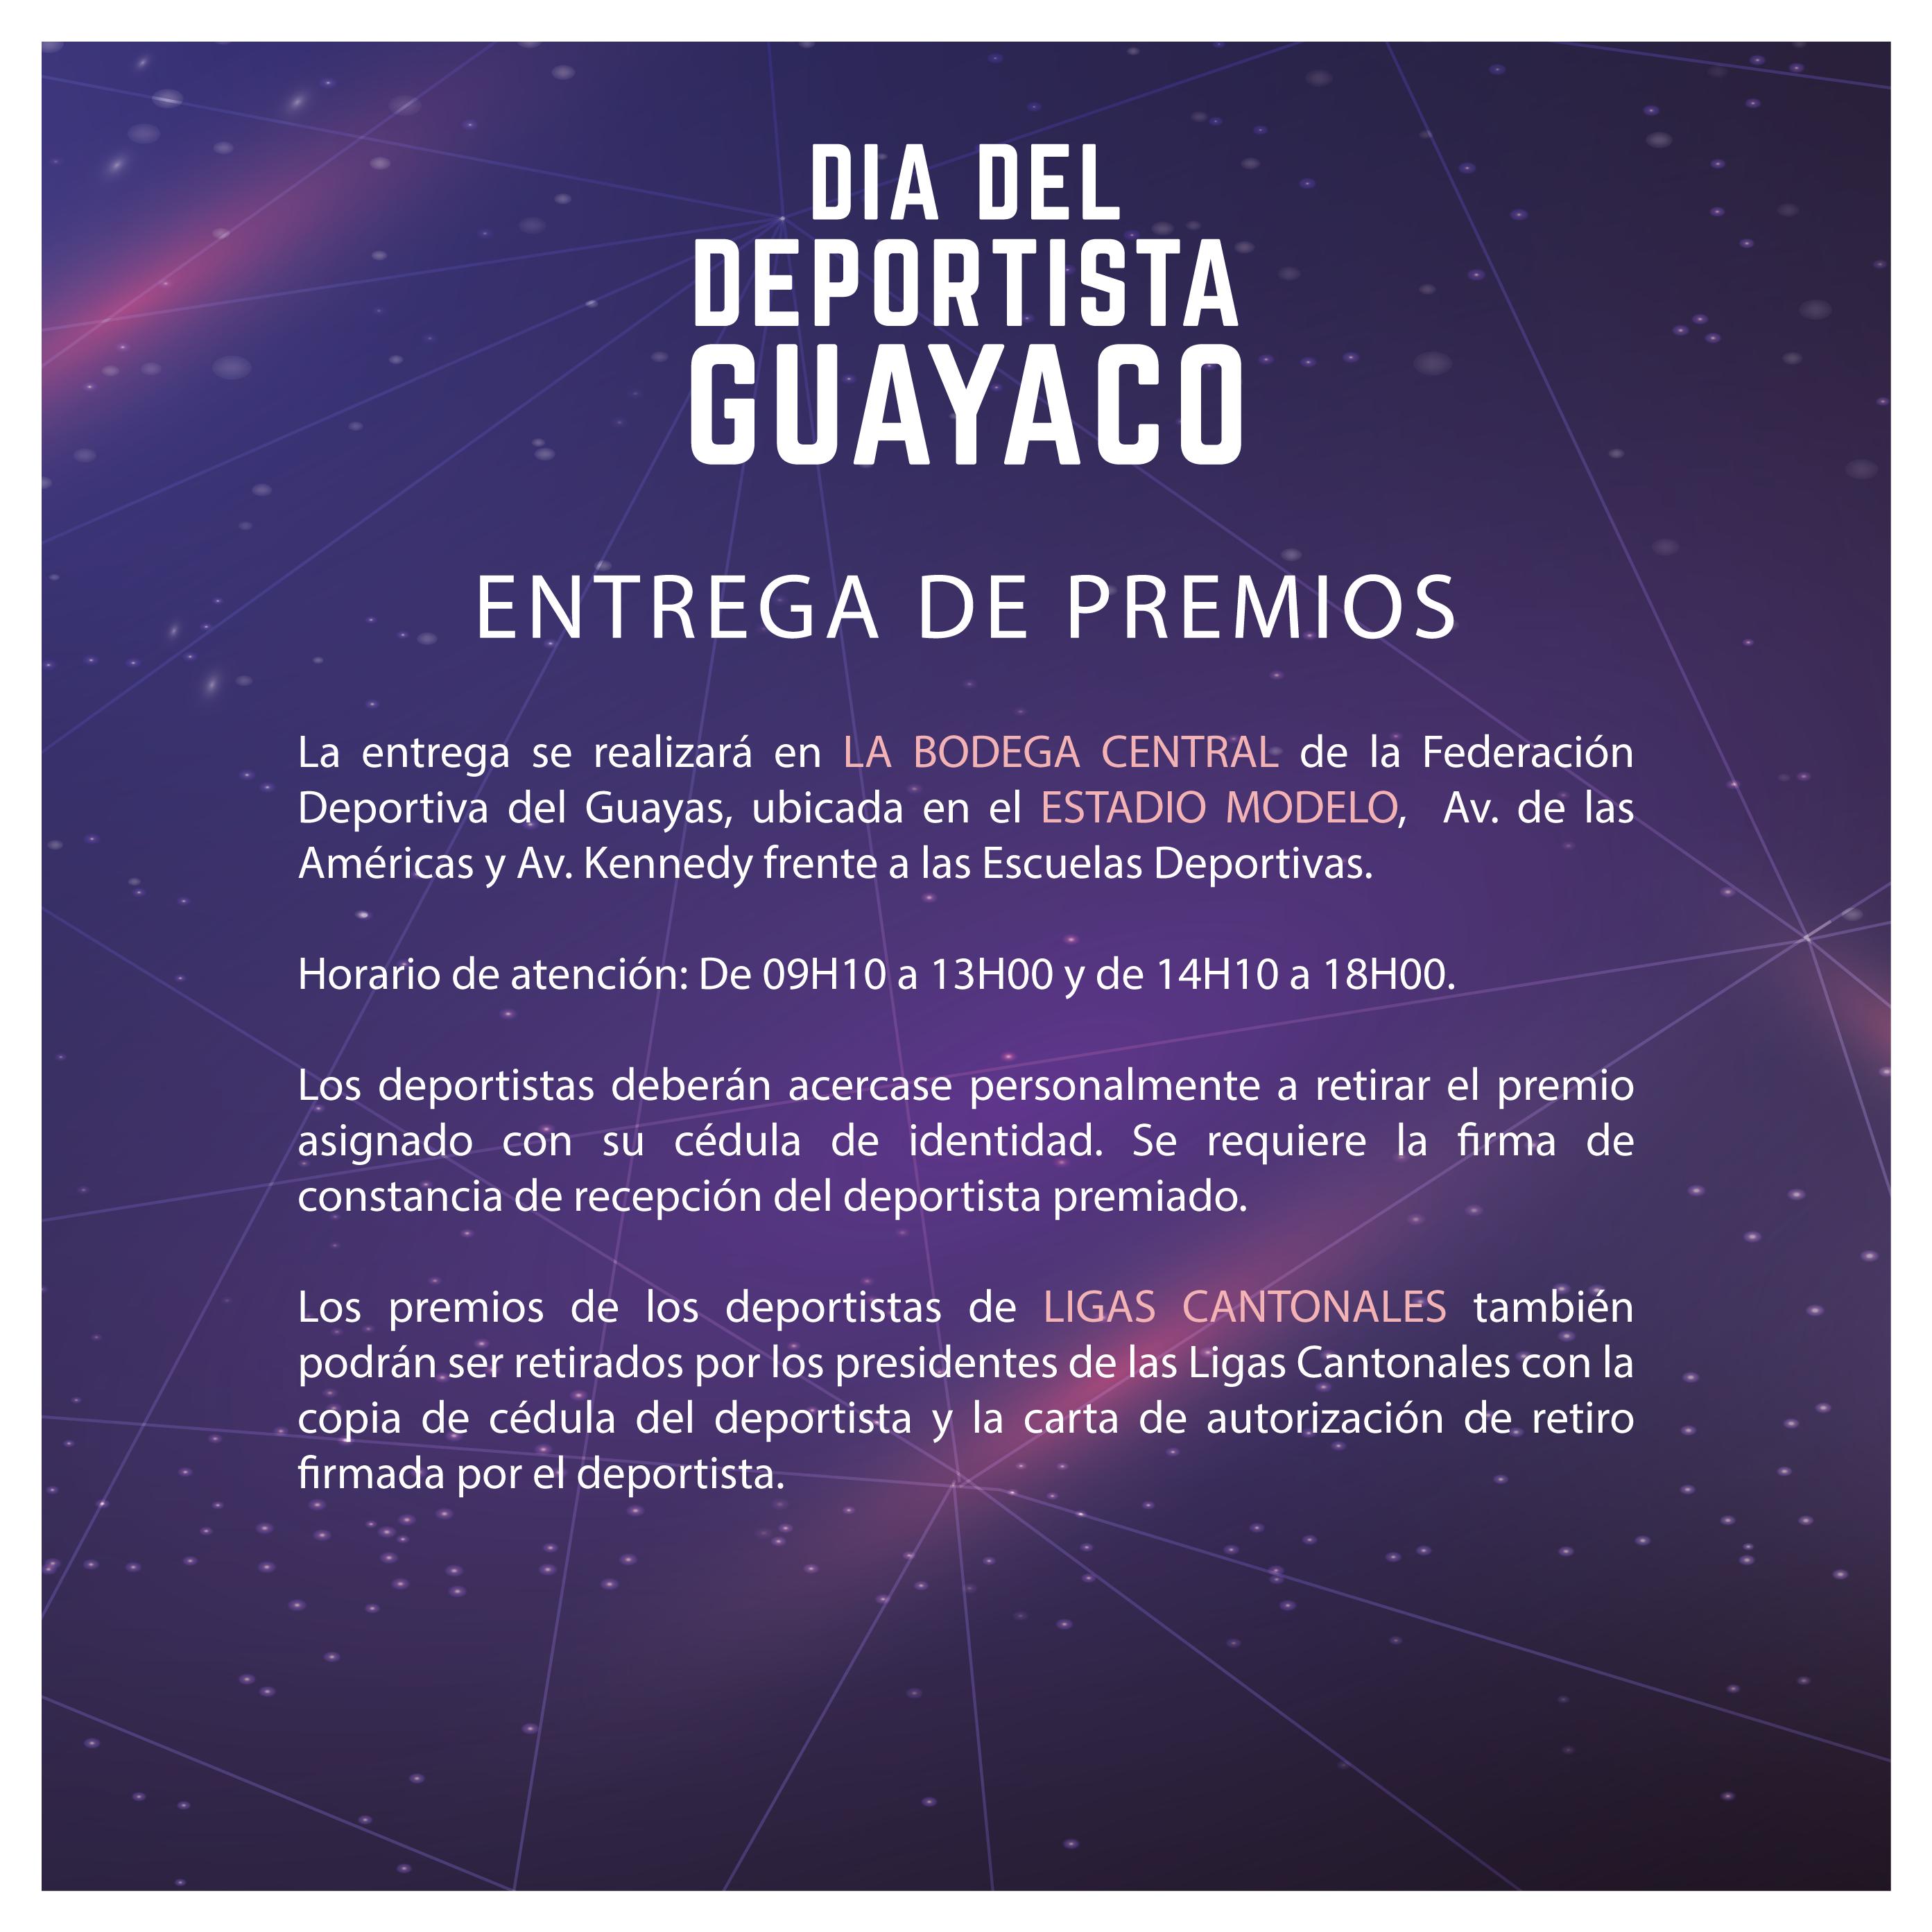 ENTREGA DE PREMIOS ddg18-01